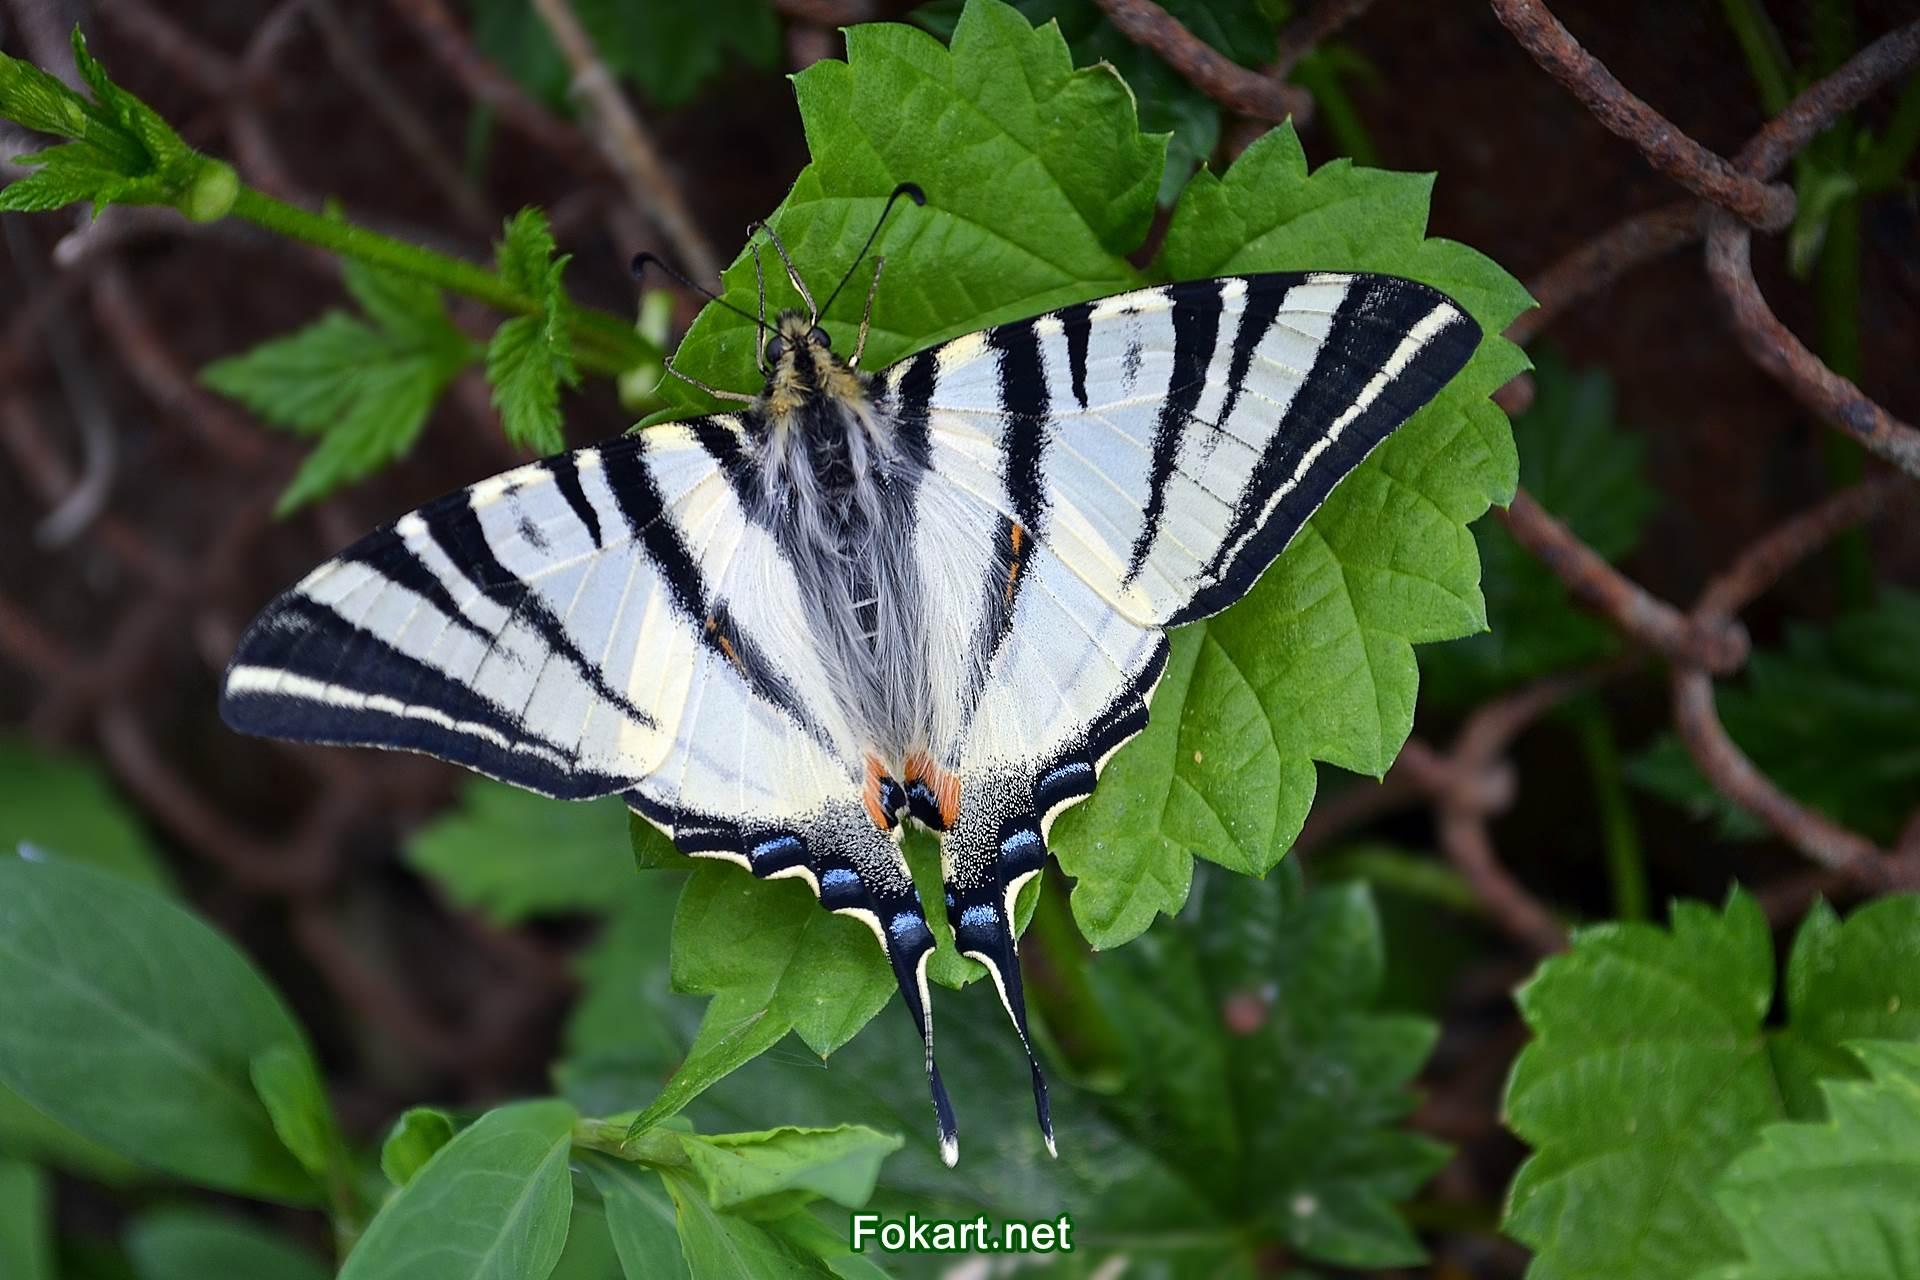 Бабочка Подалирий на зелёном листке в мае